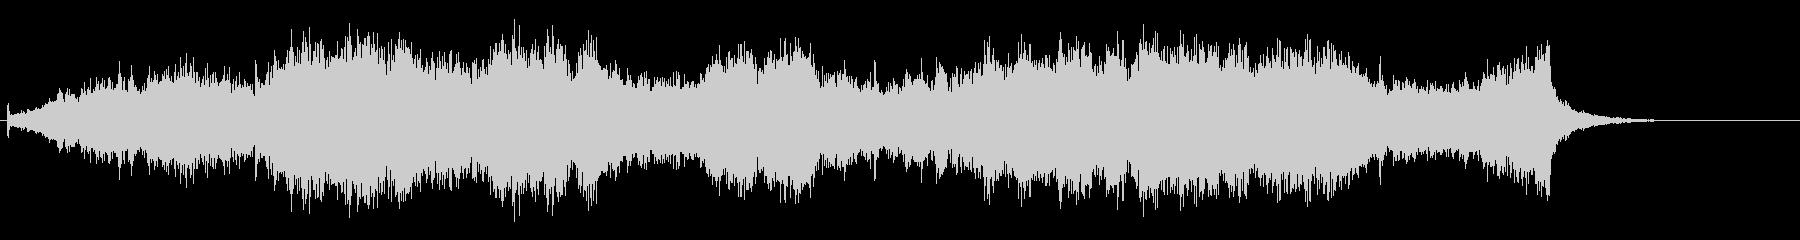 ホラー要素のあるクワイアの未再生の波形